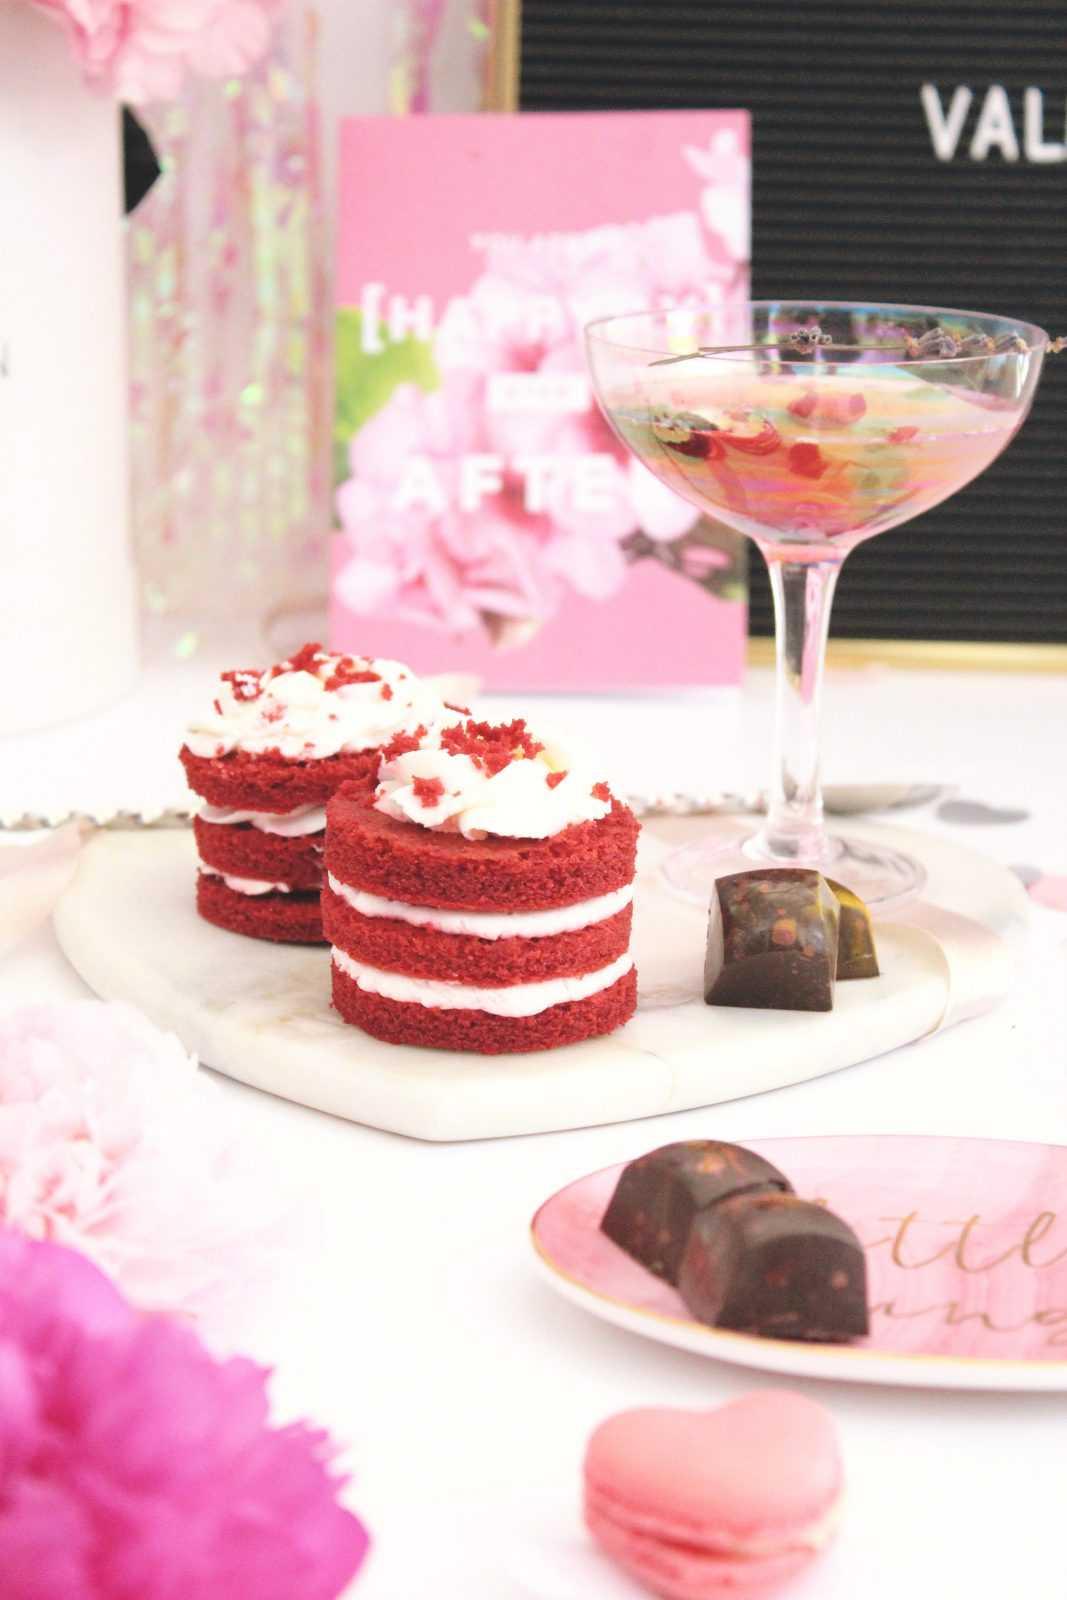 קלישאות מתוקות – הפקת ולנטיינז חגיגית ופעילות מיוחדת!